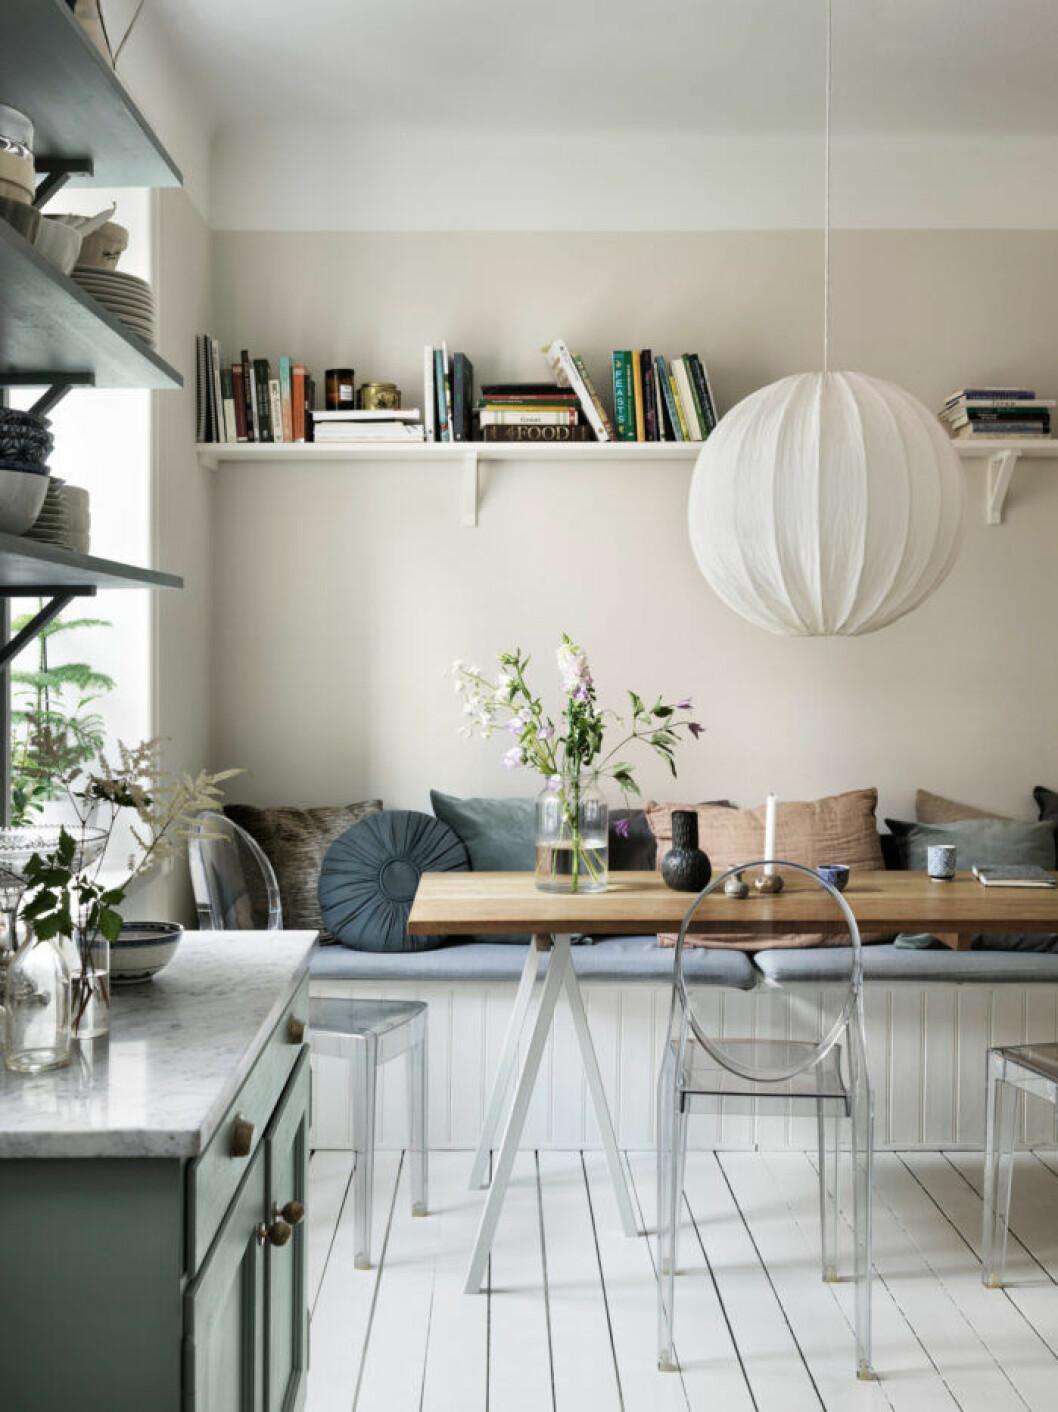 Köksbänk och färgglada textilier i lägenheten i Malmö